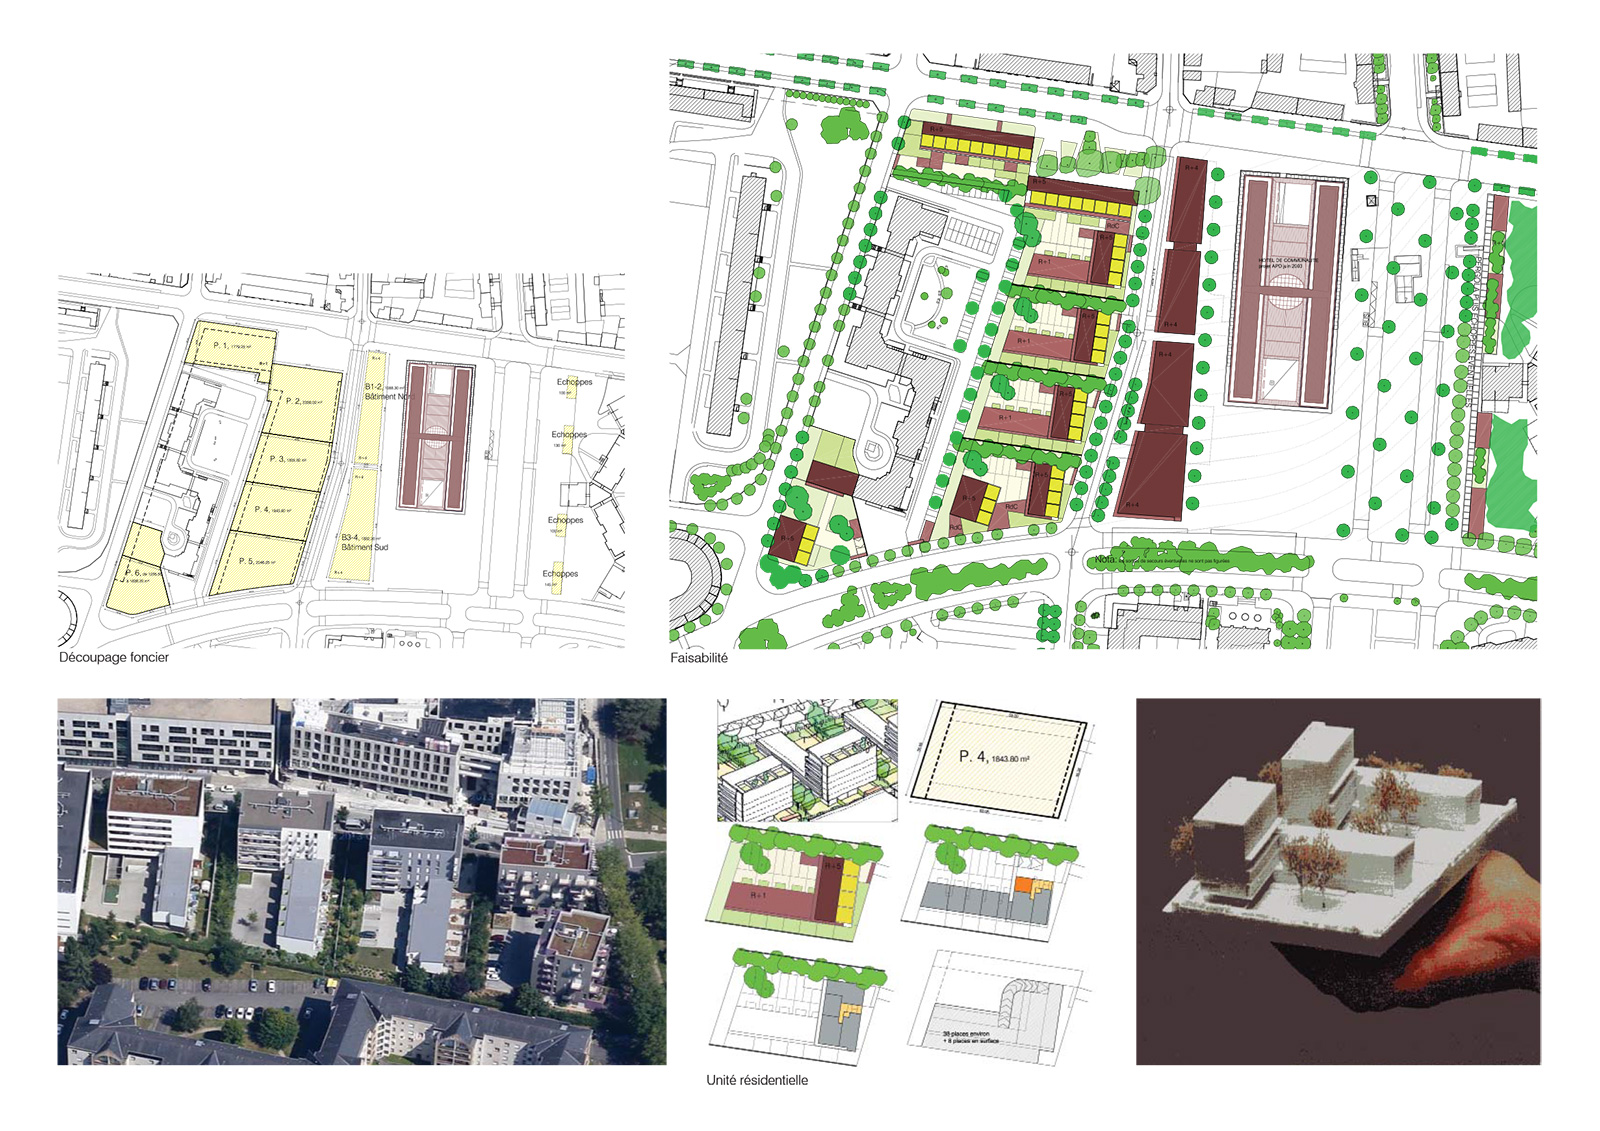 Plan de la ZAC et principe d'unité résidentielle combinant plot et maisons autour d'une cour.